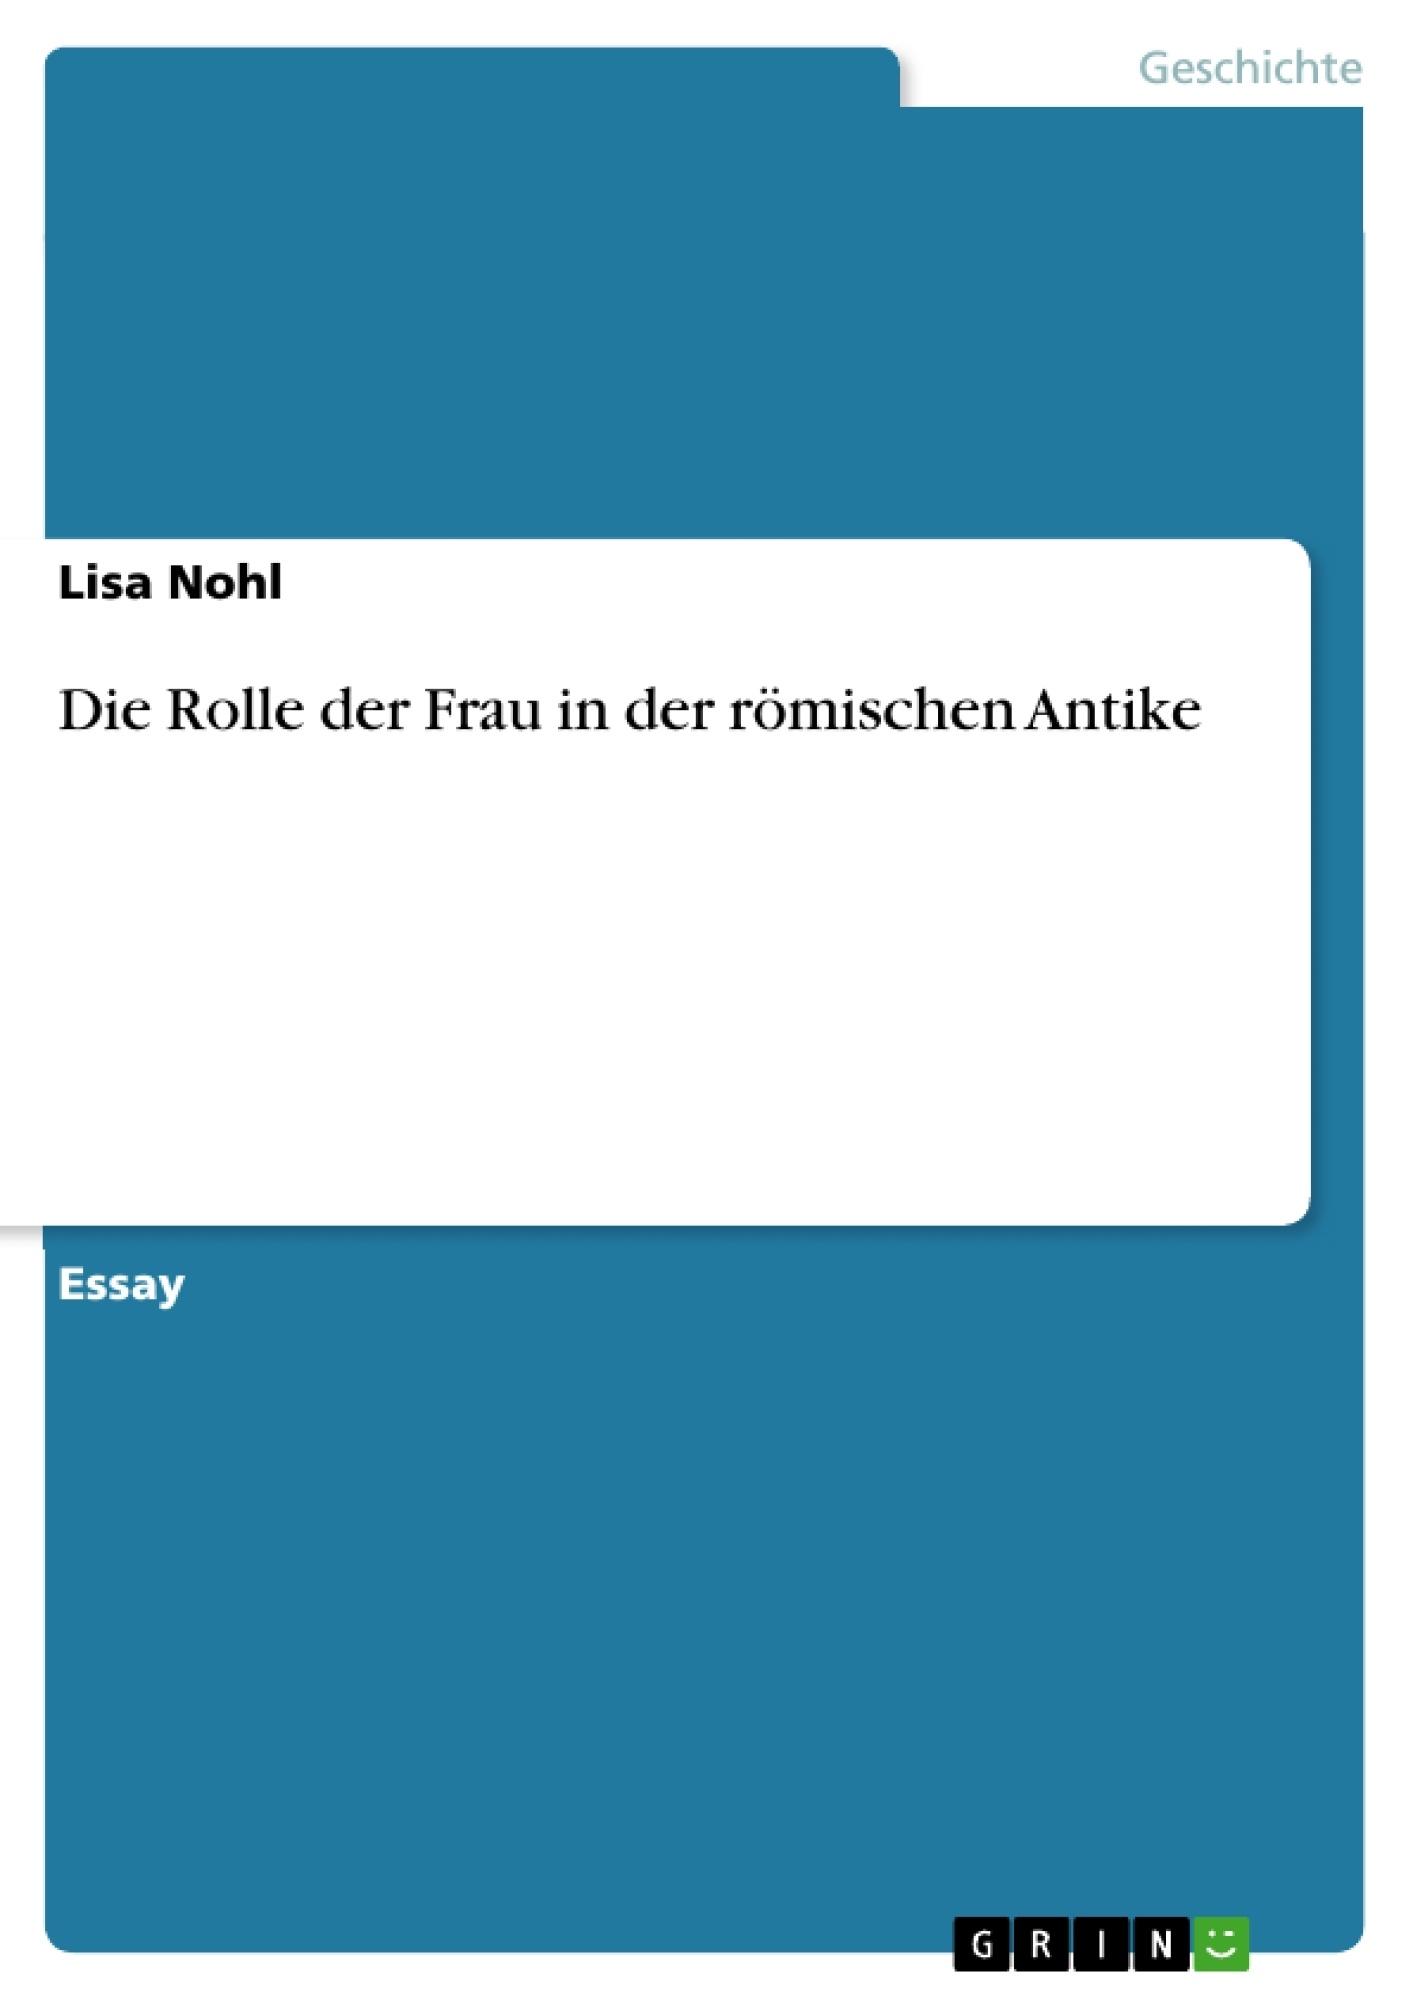 Titel: Die Rolle der Frau in der römischen Antike